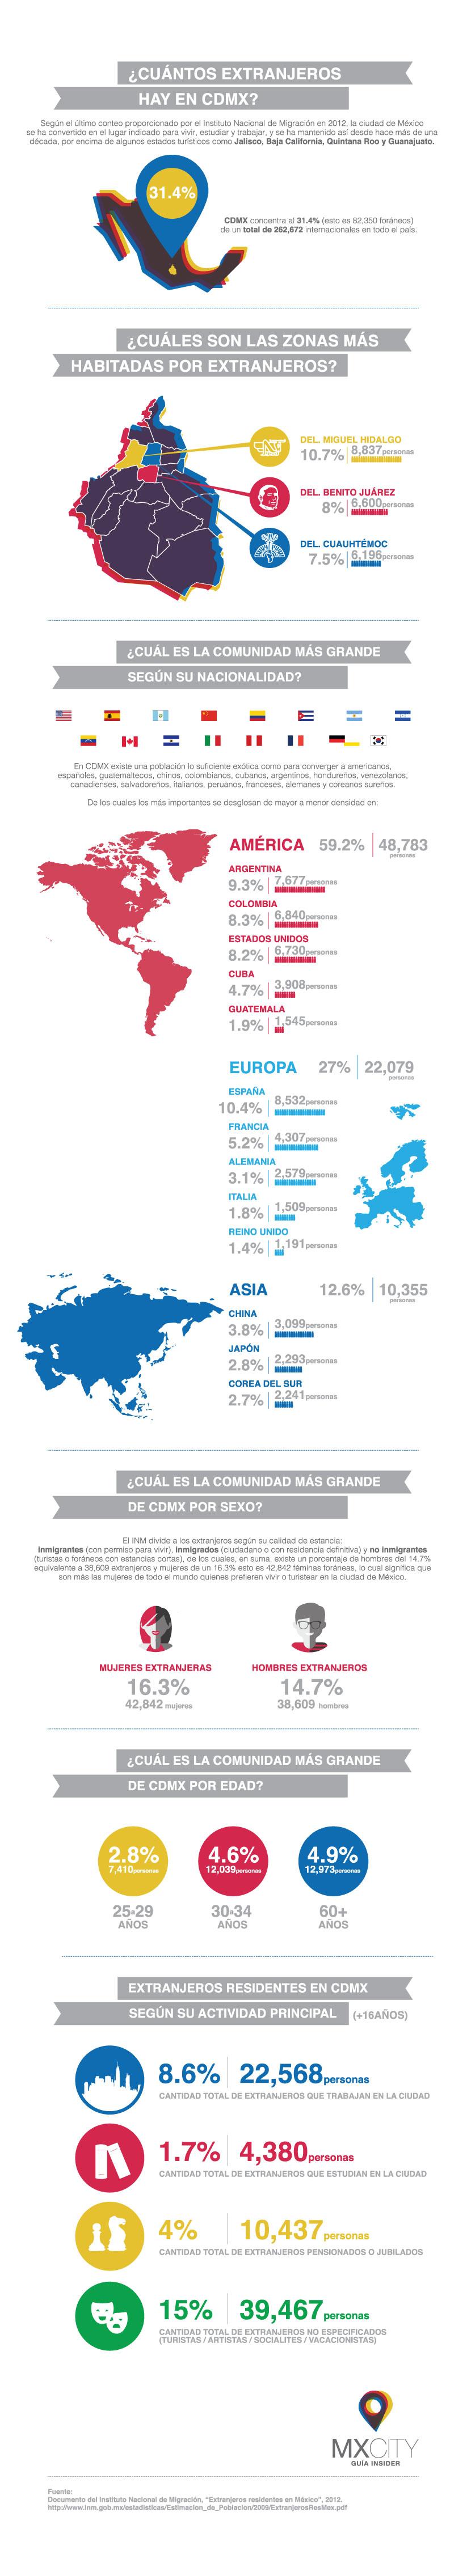 infografico-extranjeros-MXCity